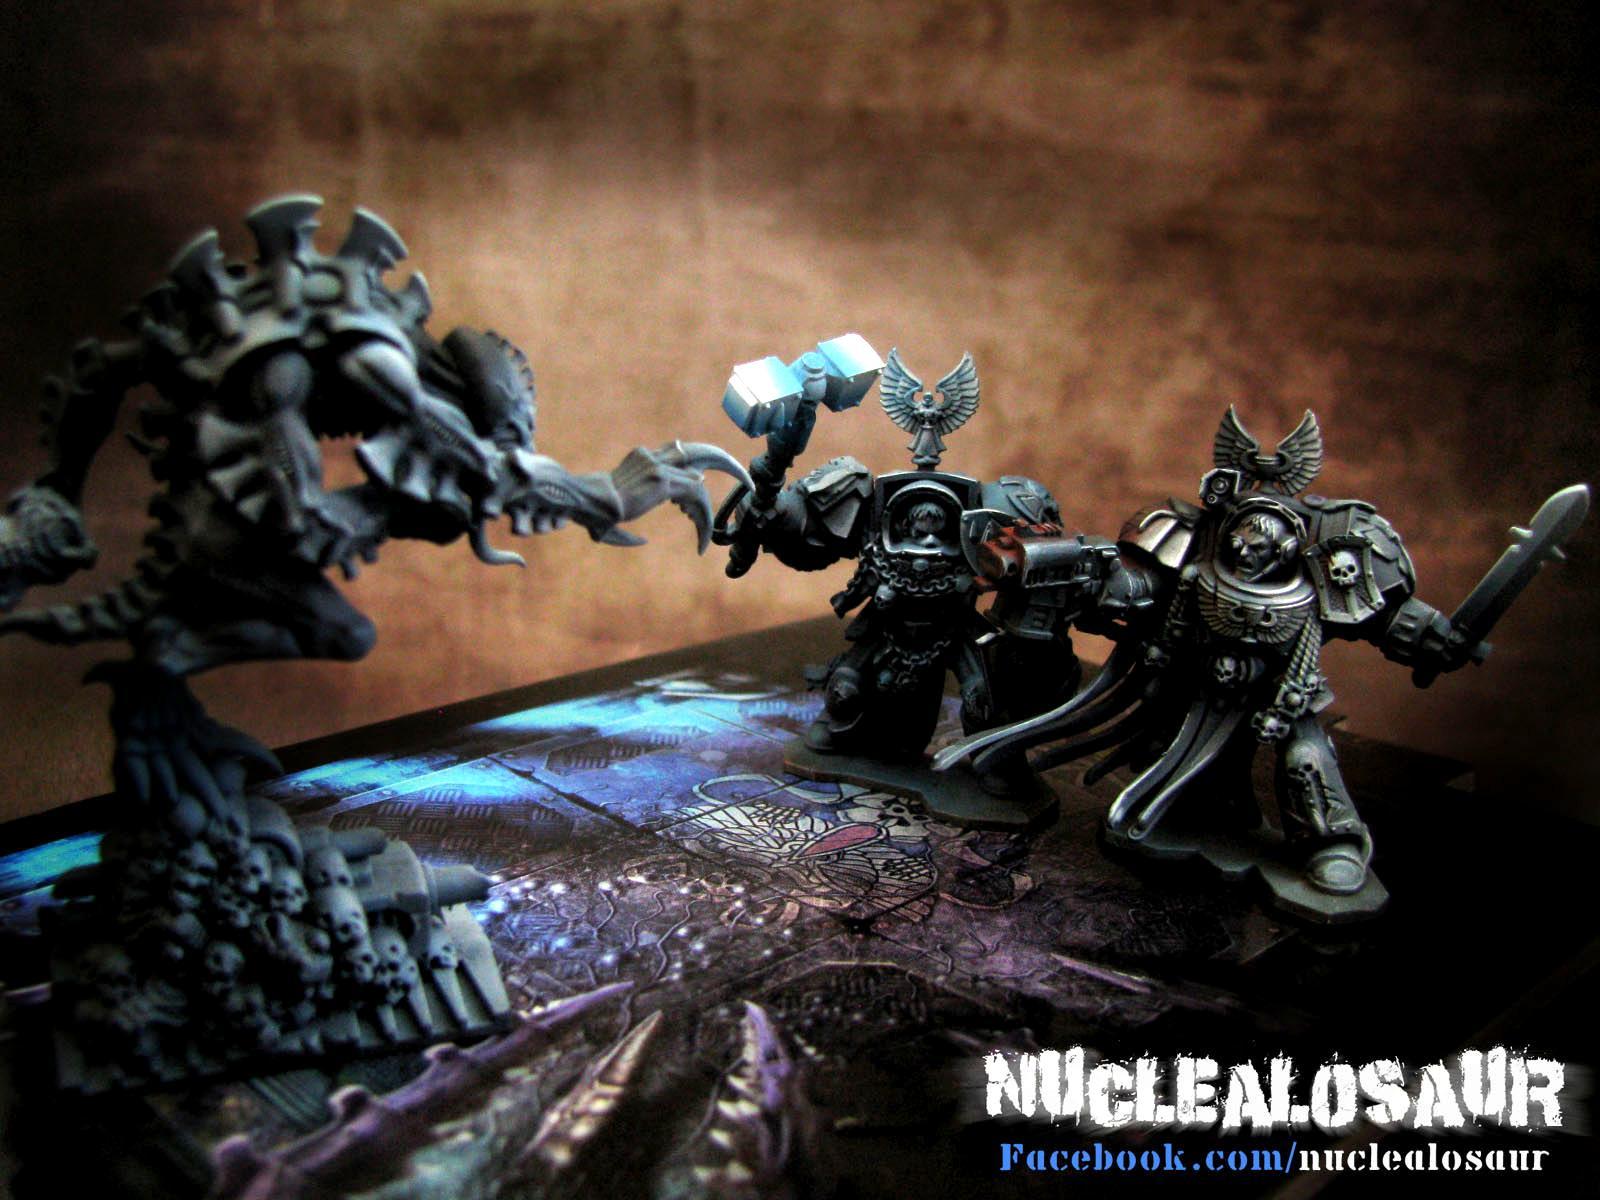 Broodlord, Genestealer, Space Hulk, Space Marines, Tyranids, Warhammer 40,000